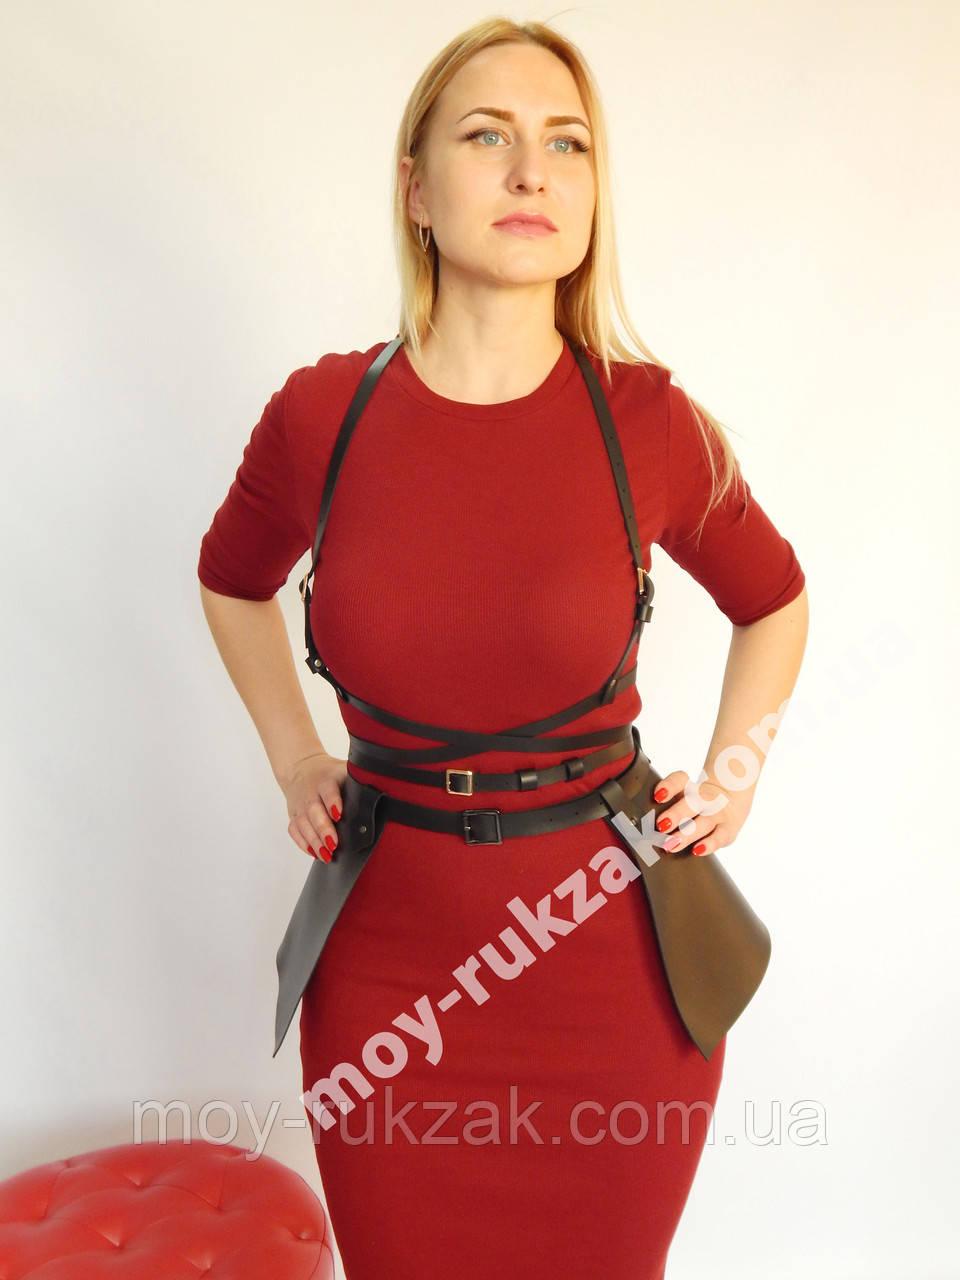 Комплект портупей: двойная обмотка на грудь и юбка баска арт.930818